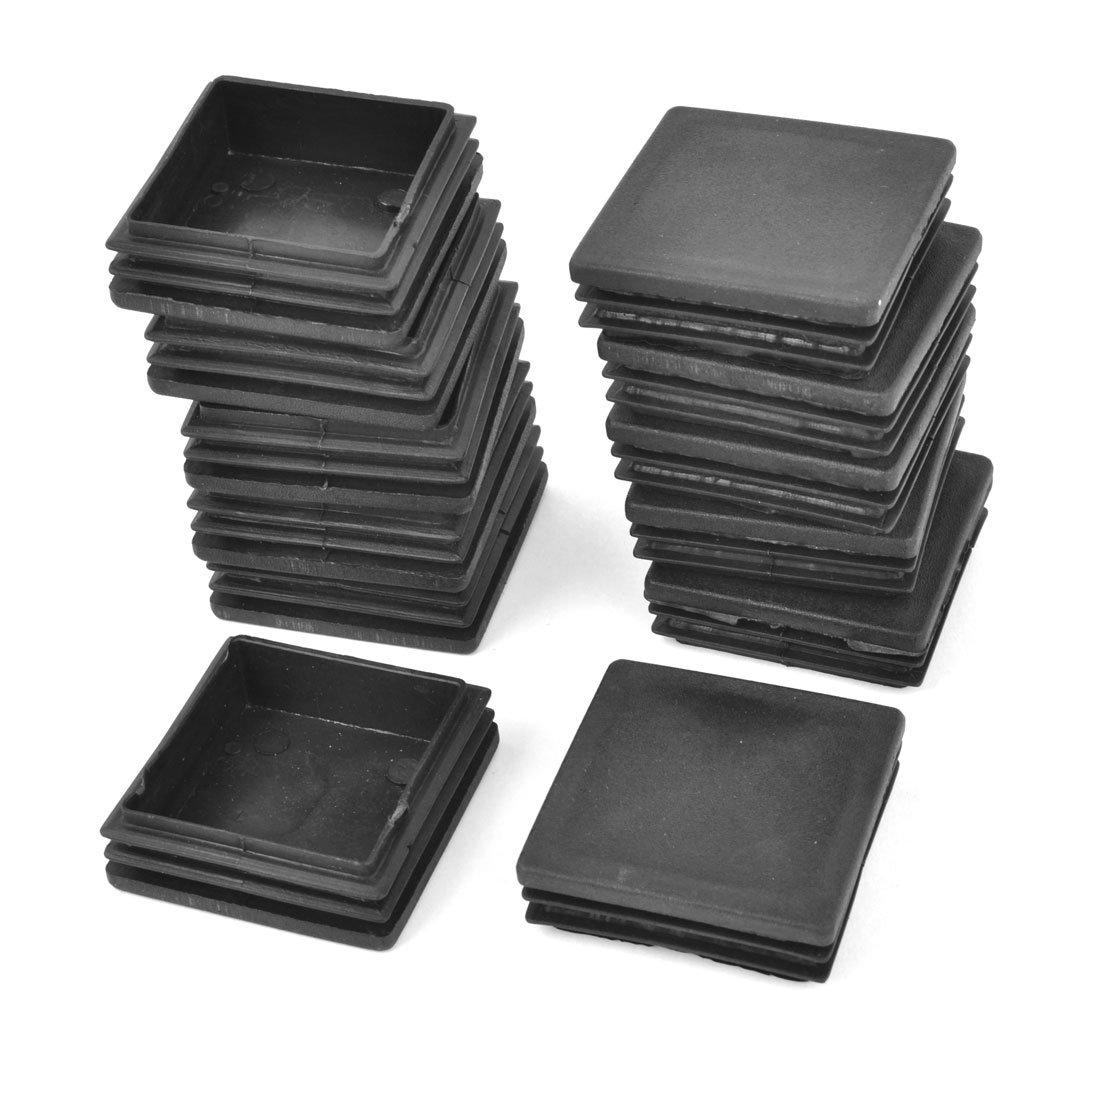 50 mm x 50 mm kunststoff rohr schlaucheinsatz endkappen 12 online kaufen. Black Bedroom Furniture Sets. Home Design Ideas